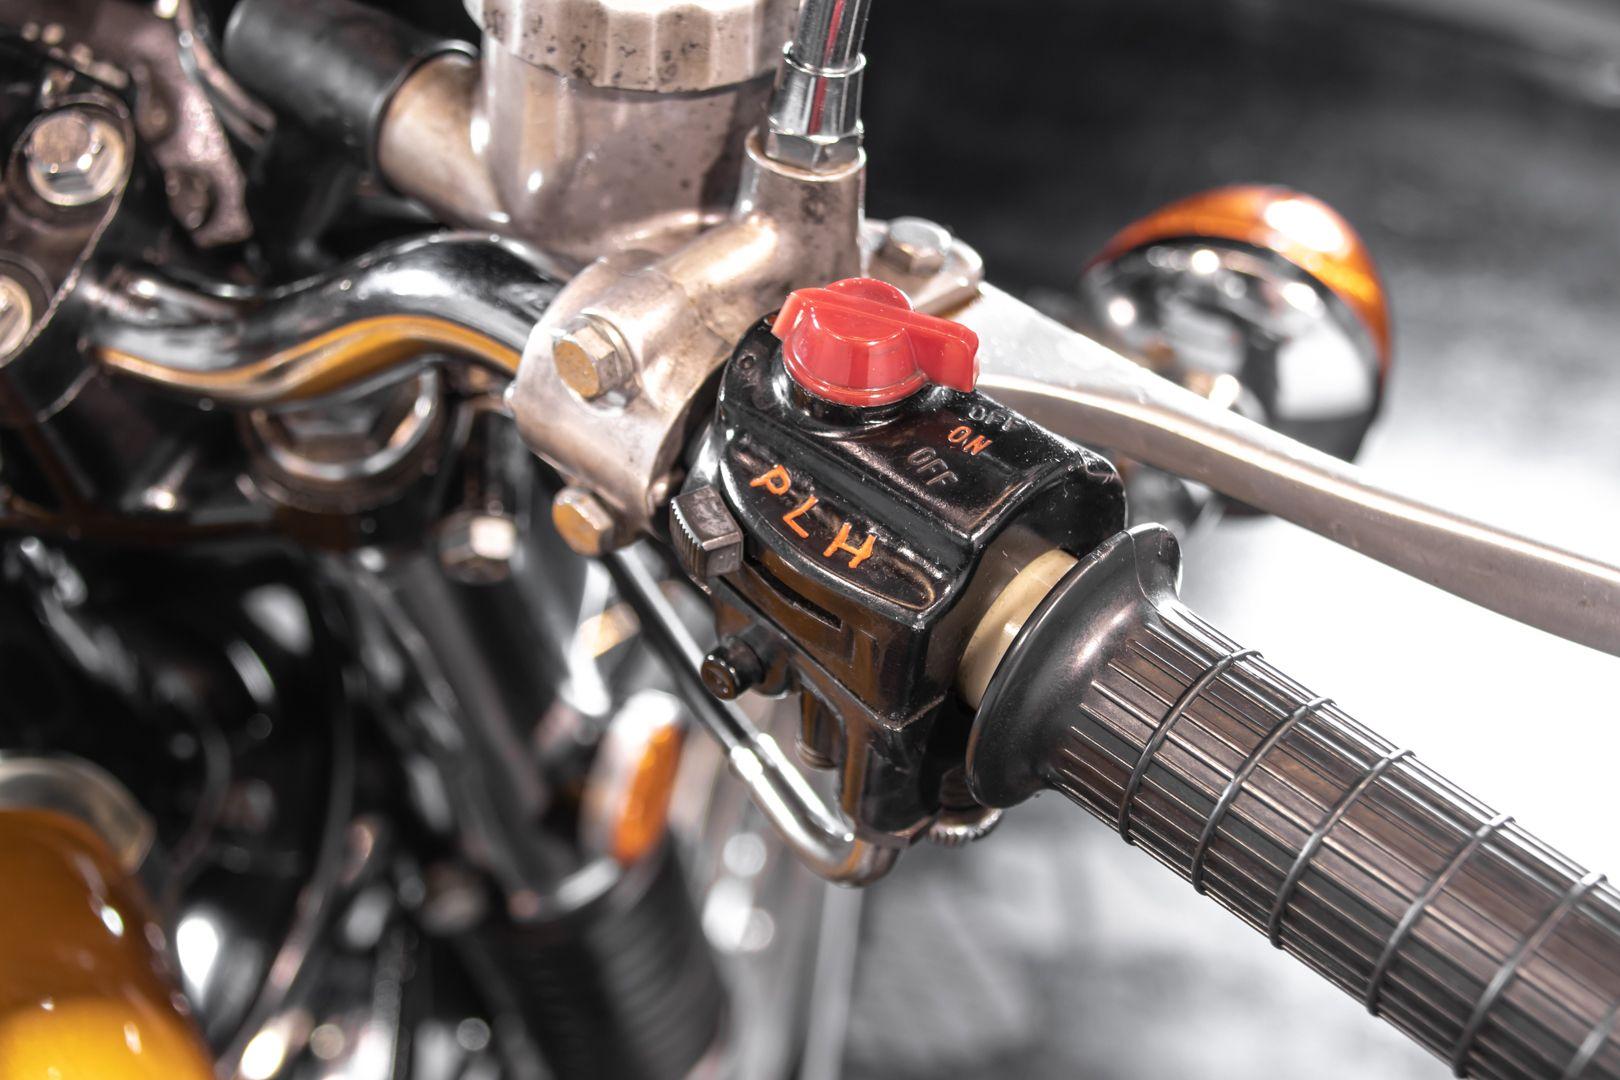 1972 Honda CB 500 Four 77638